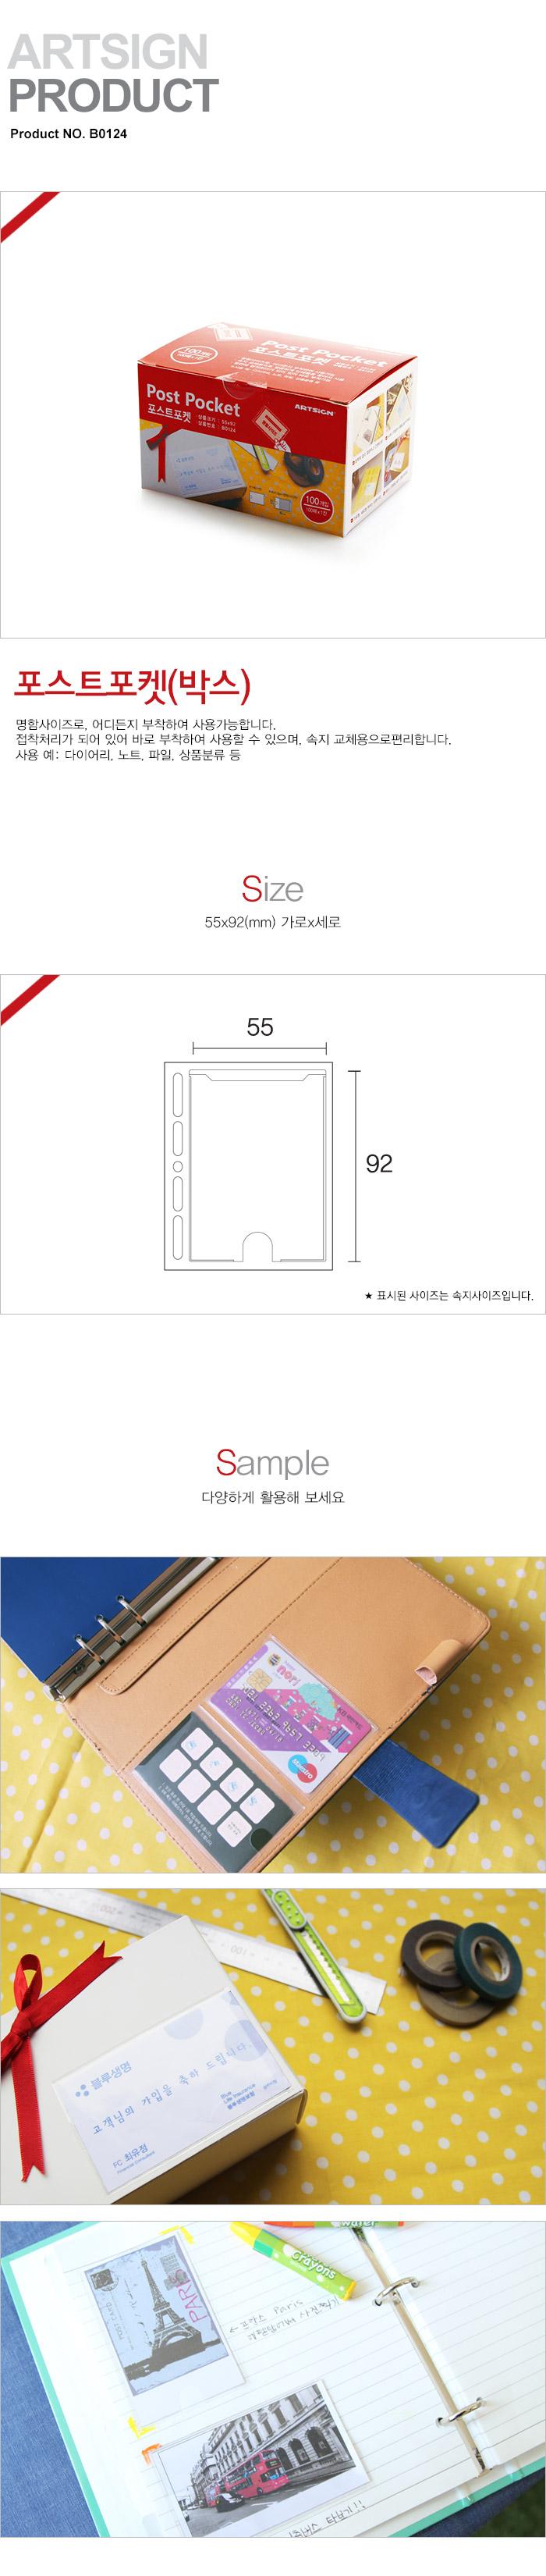 포스트포켓(사이즈선택) - 아트사인, 960원, 데스크정리, 서류/파일홀더